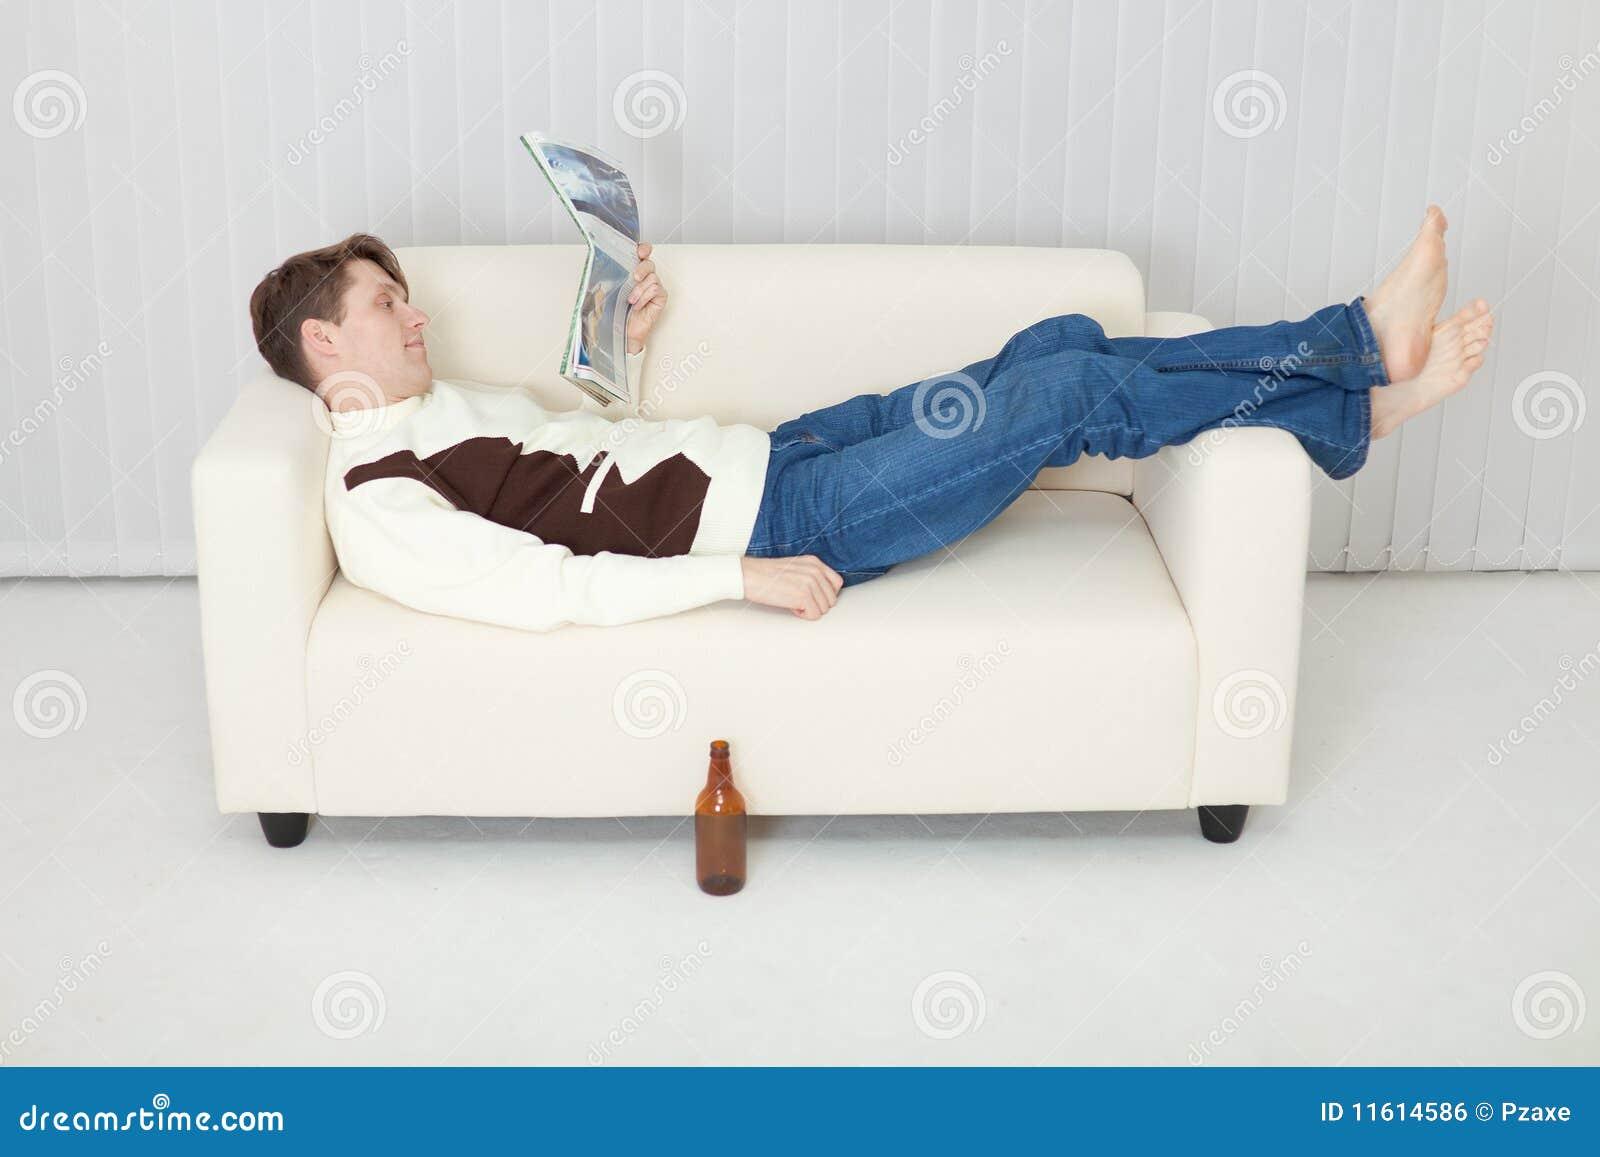 Фото мужик лежит на диване 20 фотография